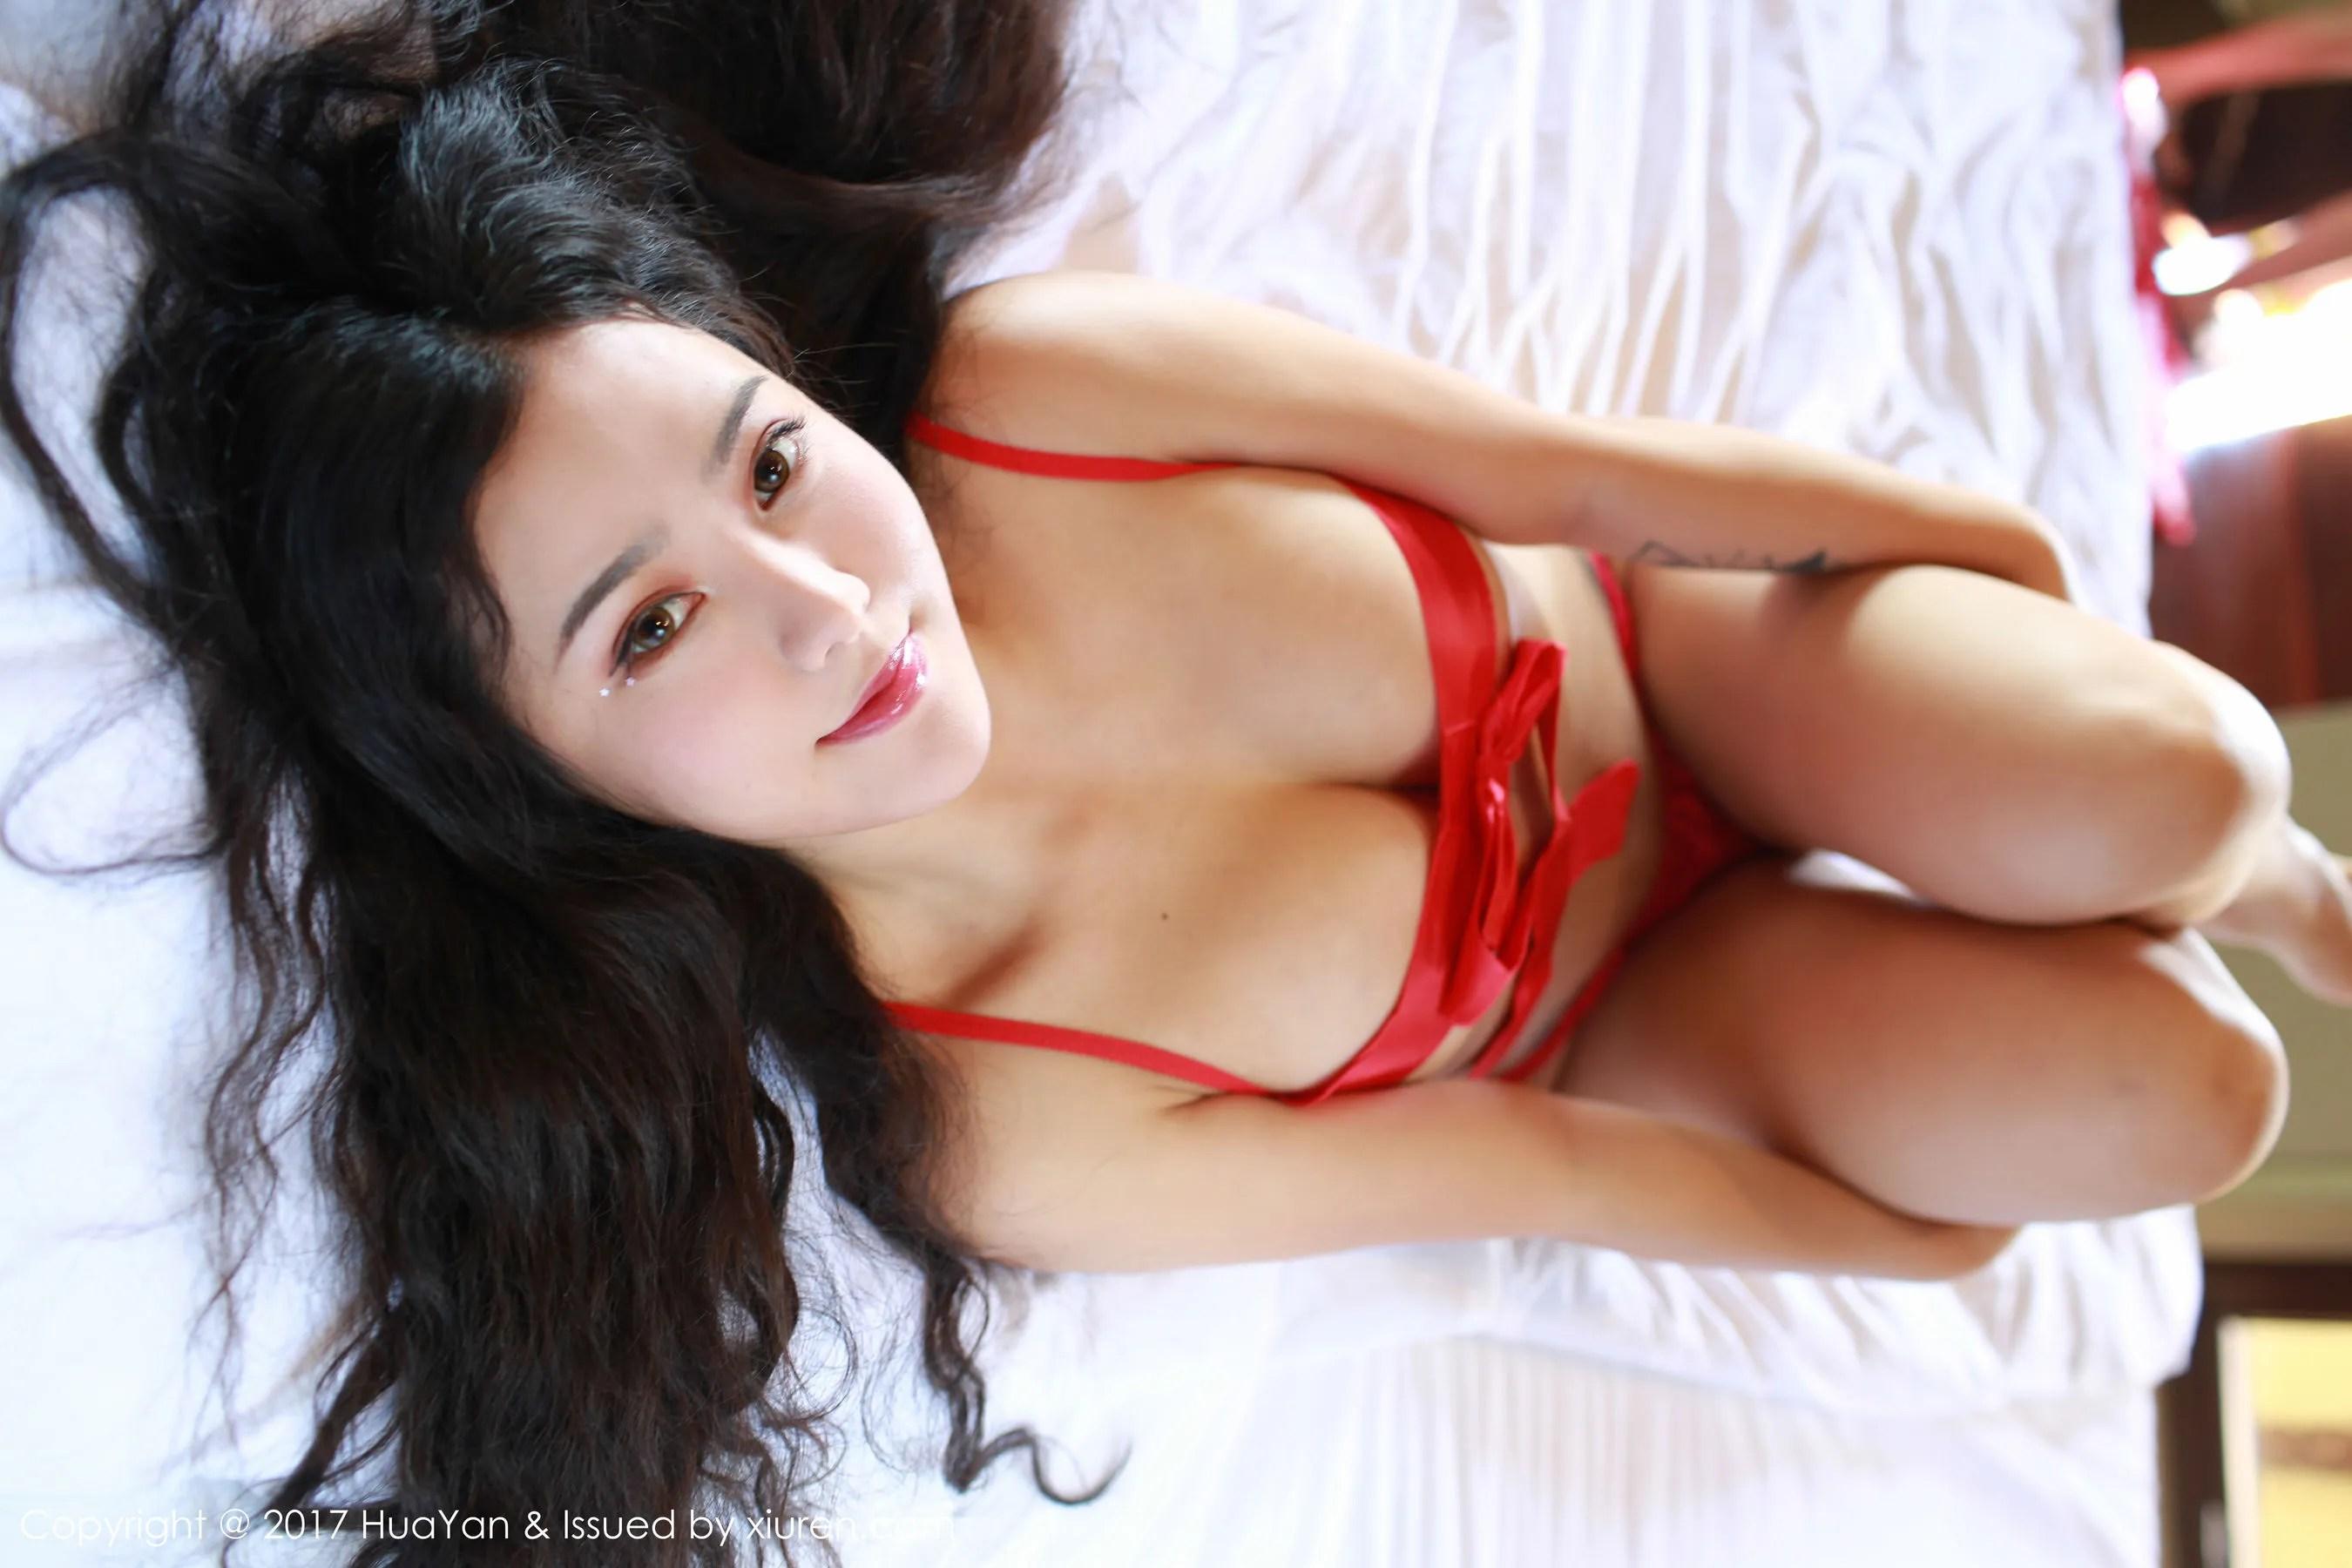 图片[5] - Manuela玛鲁娜《衬衫湿身+红色丁字裤》 [花の颜HuaYan] VOL.028 写真集[35P] - 唯独你没懂